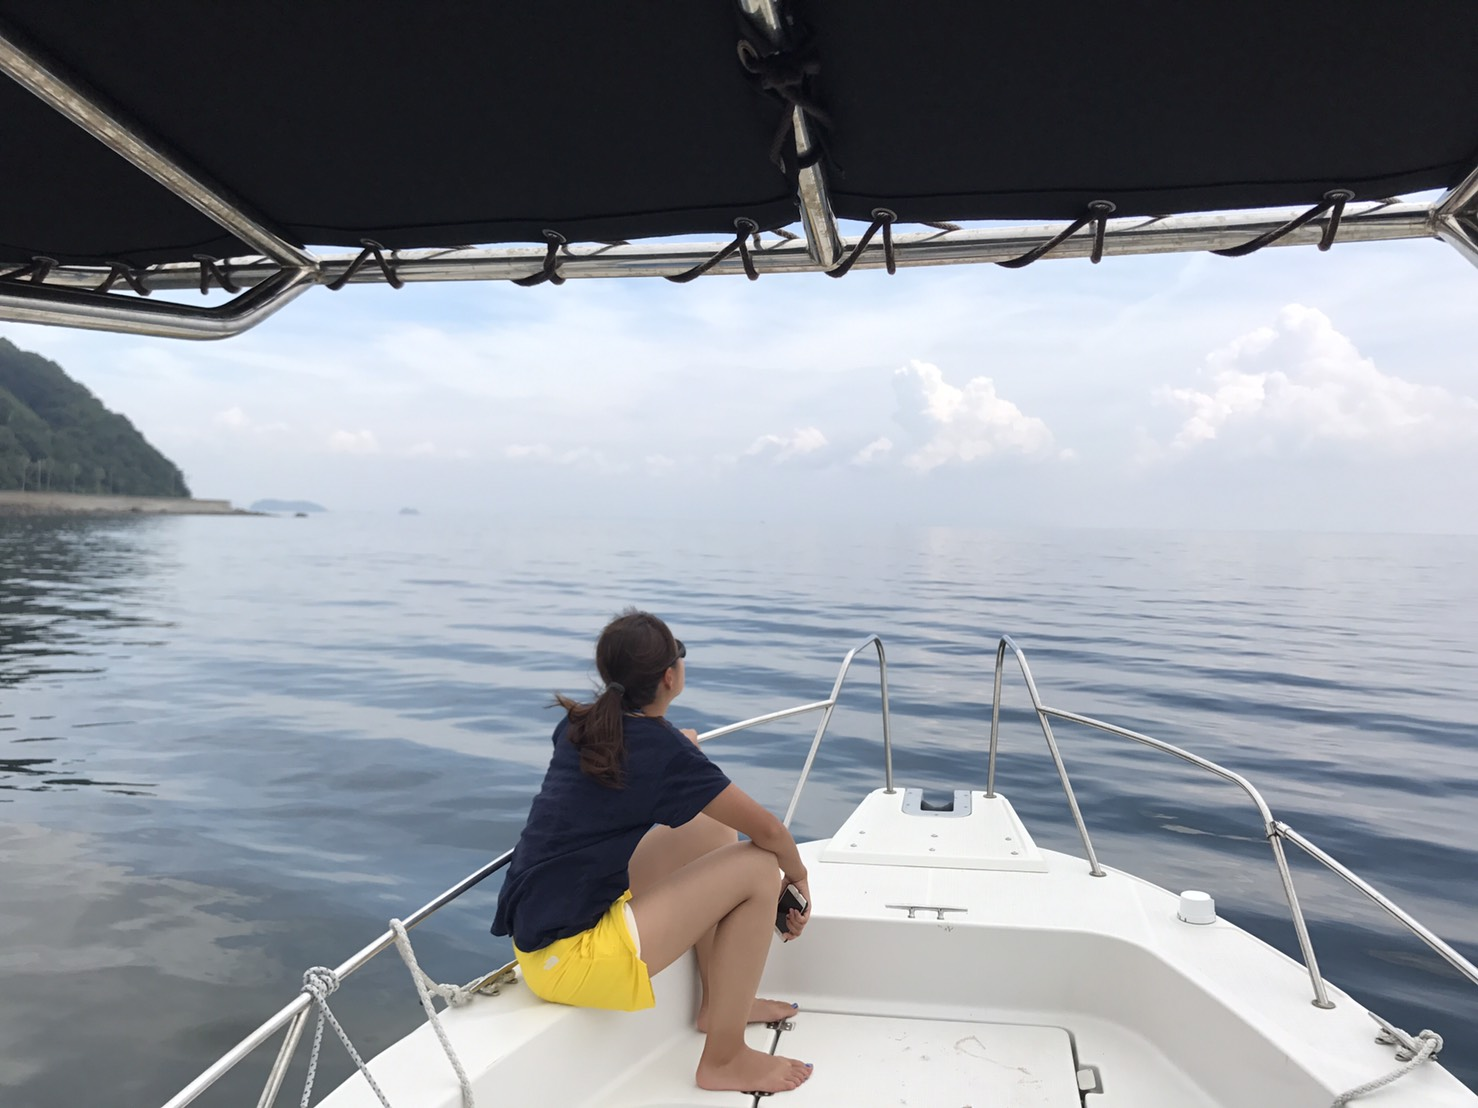 http://www.suzukimarine.co.jp/marina/mikawamito/blog/2018/04/13/img/IMG_2444.JPG